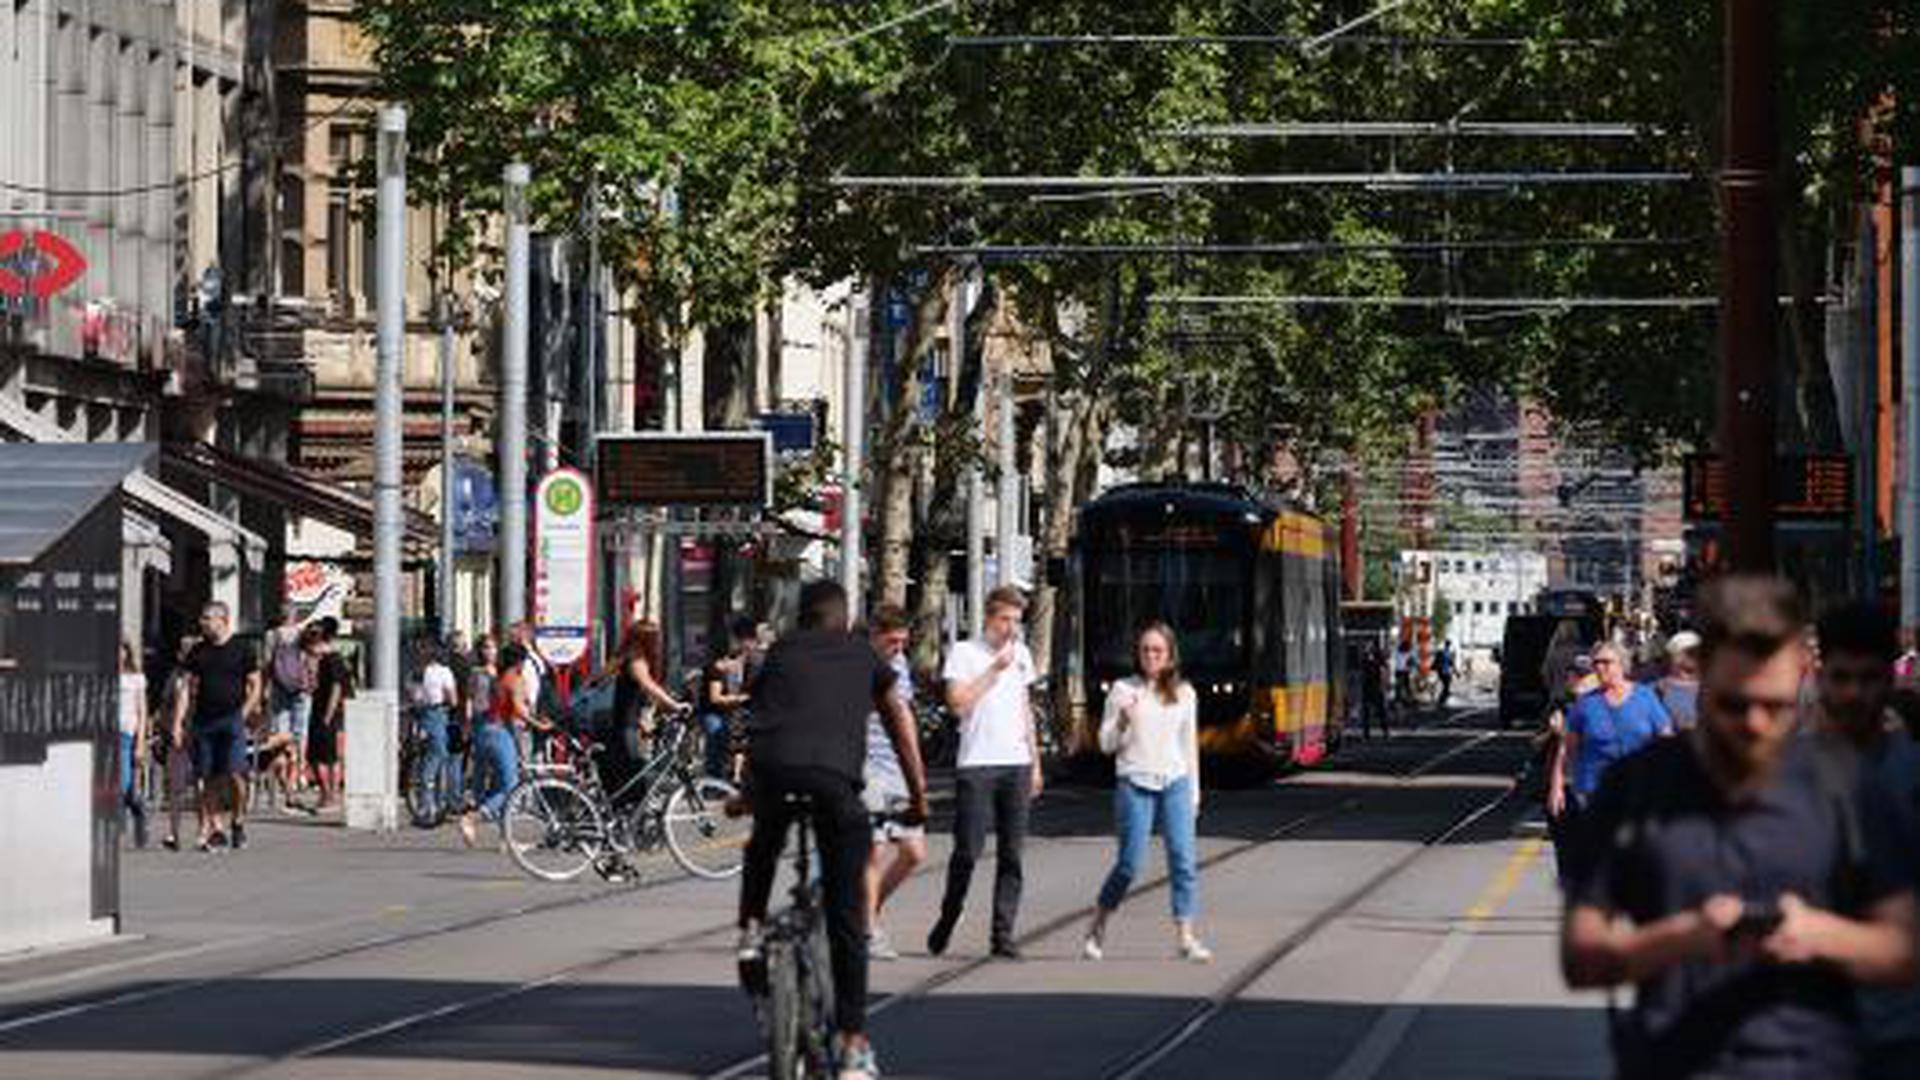 Geduld ist gefragt: Erst Zug um Zug, also in vielen Abschnitten, kann die Kaiserstraße zur wahren Fußgängerzone umgestaltet werden, nachdem die Bahnen frühestens 2021 unter der Erde fahren und Gleise sowie Oberleitung entfernt werden.